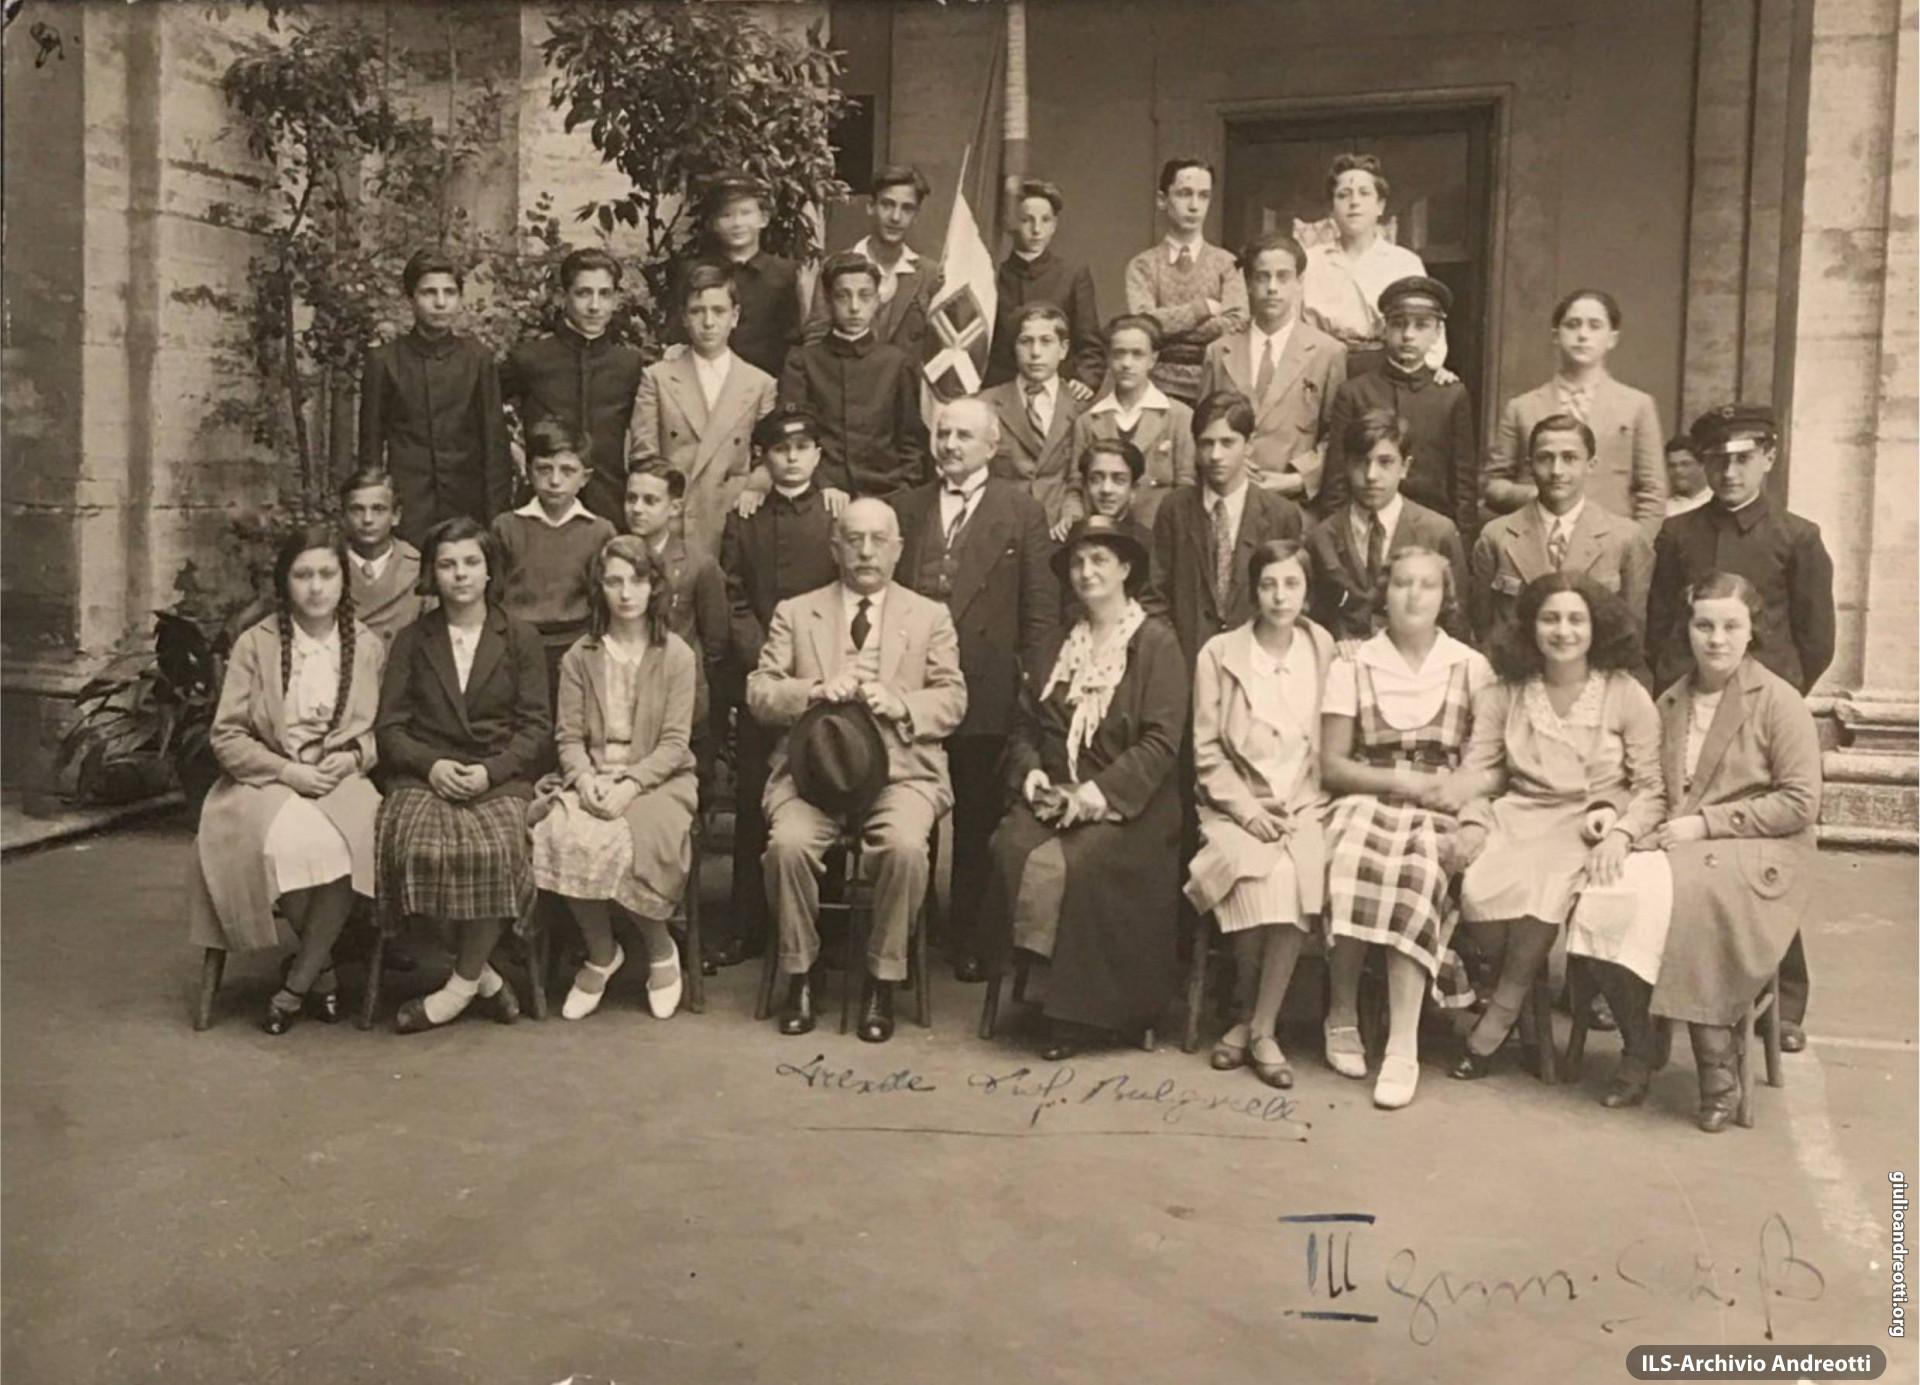 Giulio Andreotti nella foto di classe della III ginnasio. È in seconda fila, il secondo da sinistra